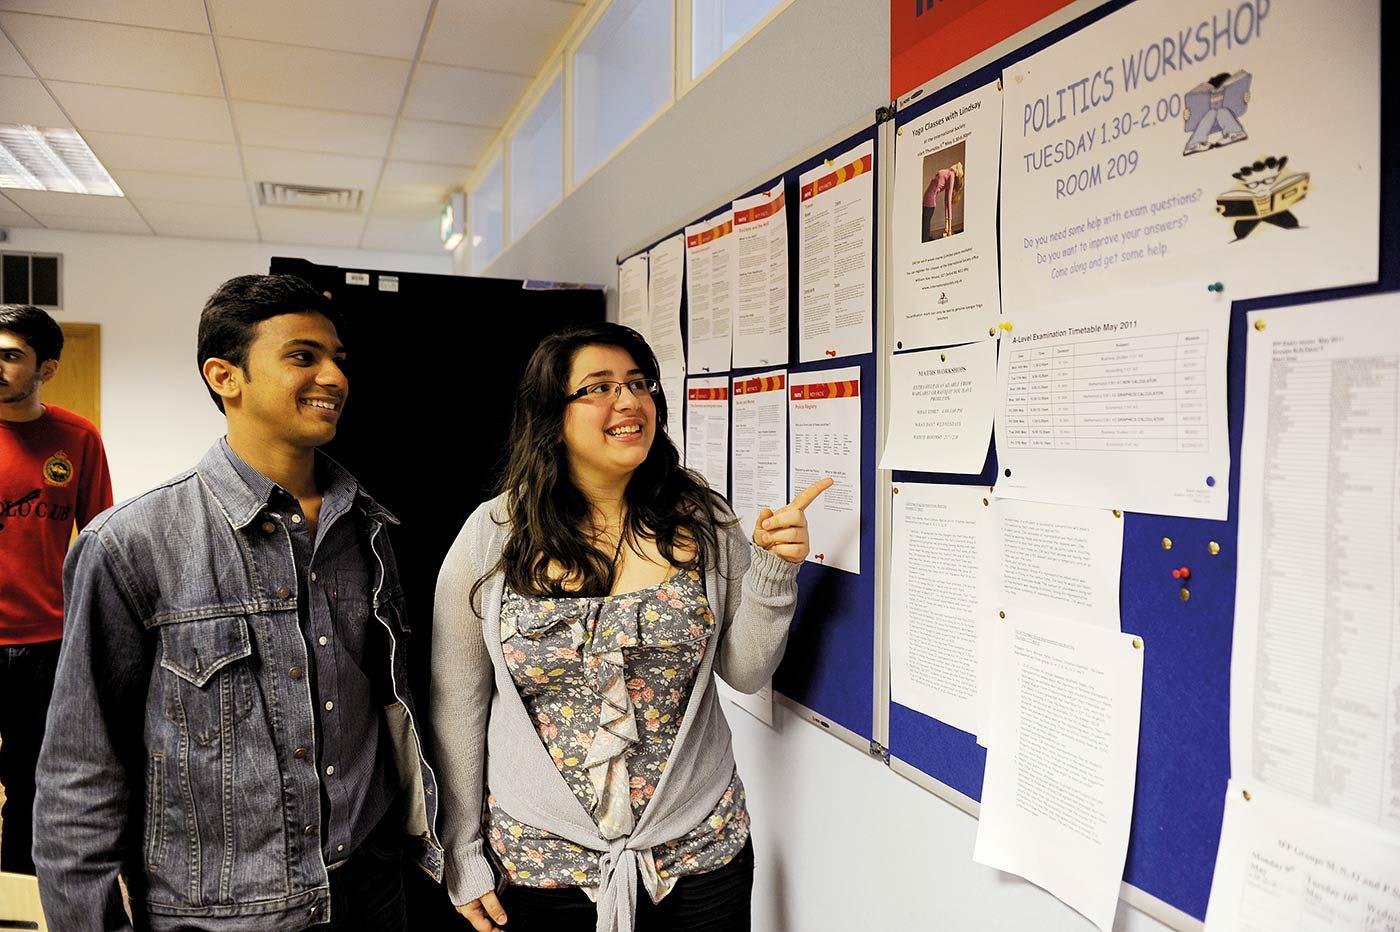 多语种辅导员为英语水平较弱的同学提供语言支持